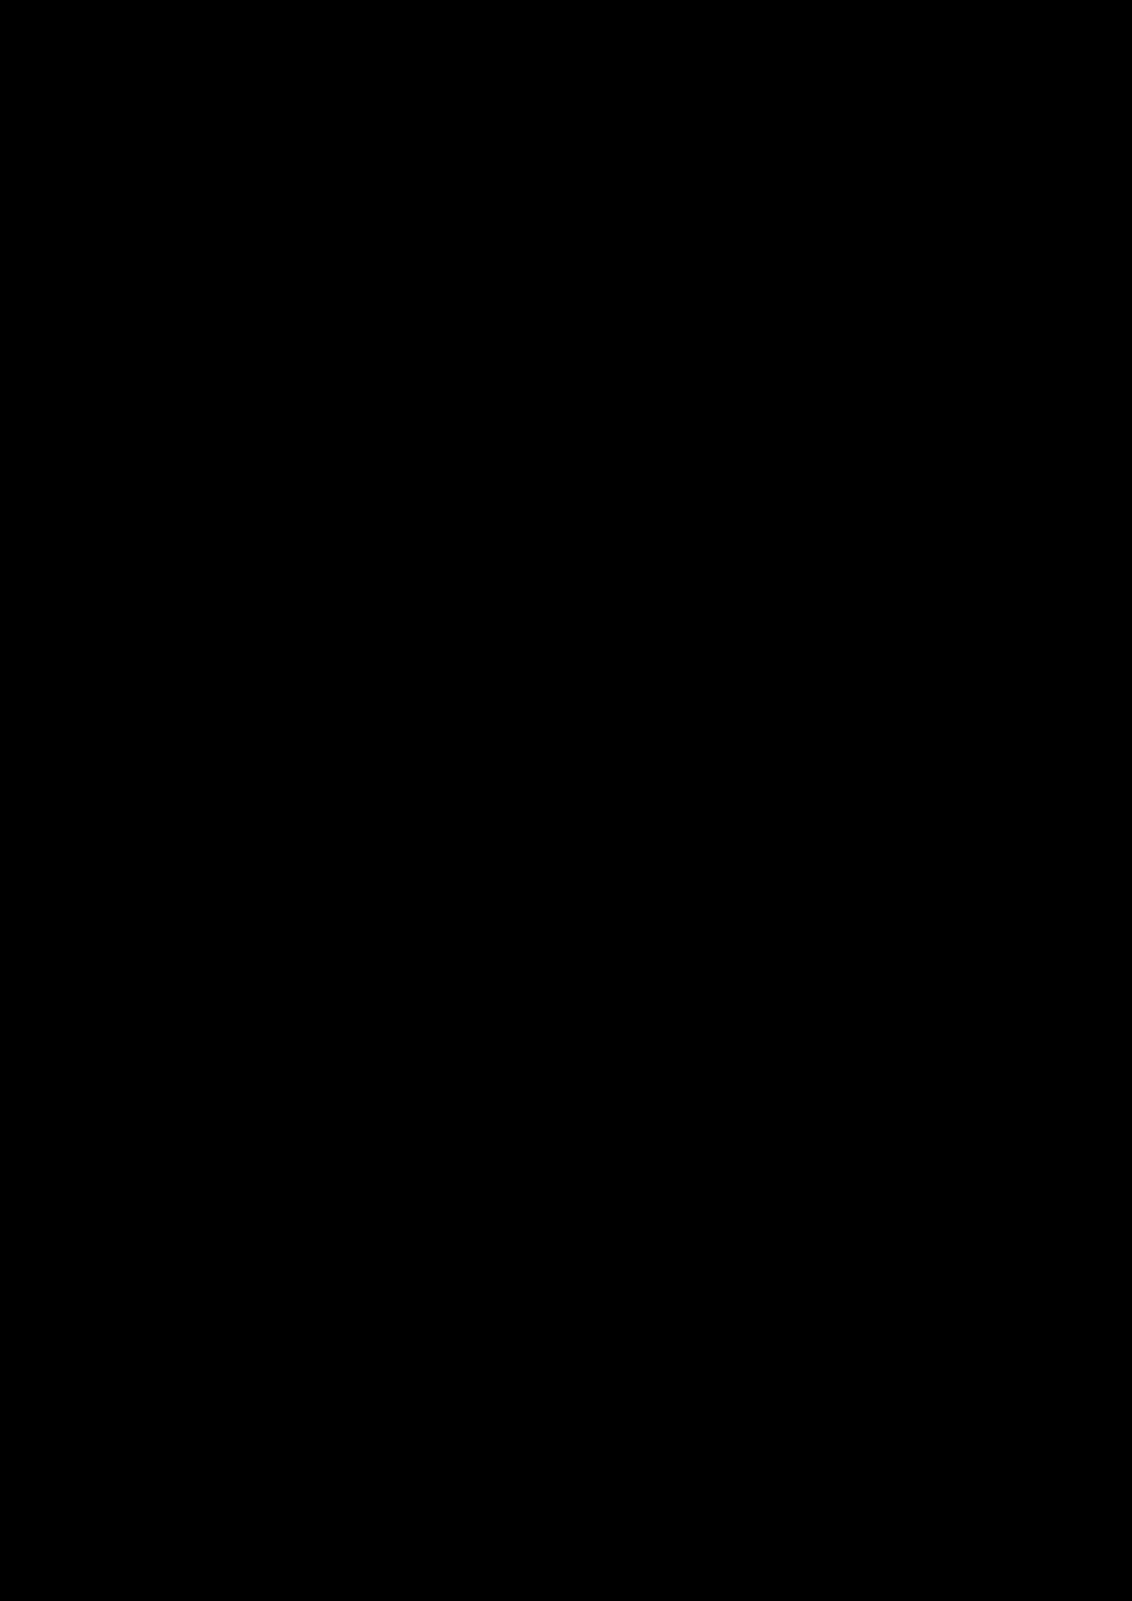 Zagadka volshebnoy stranyi slide, Image 155